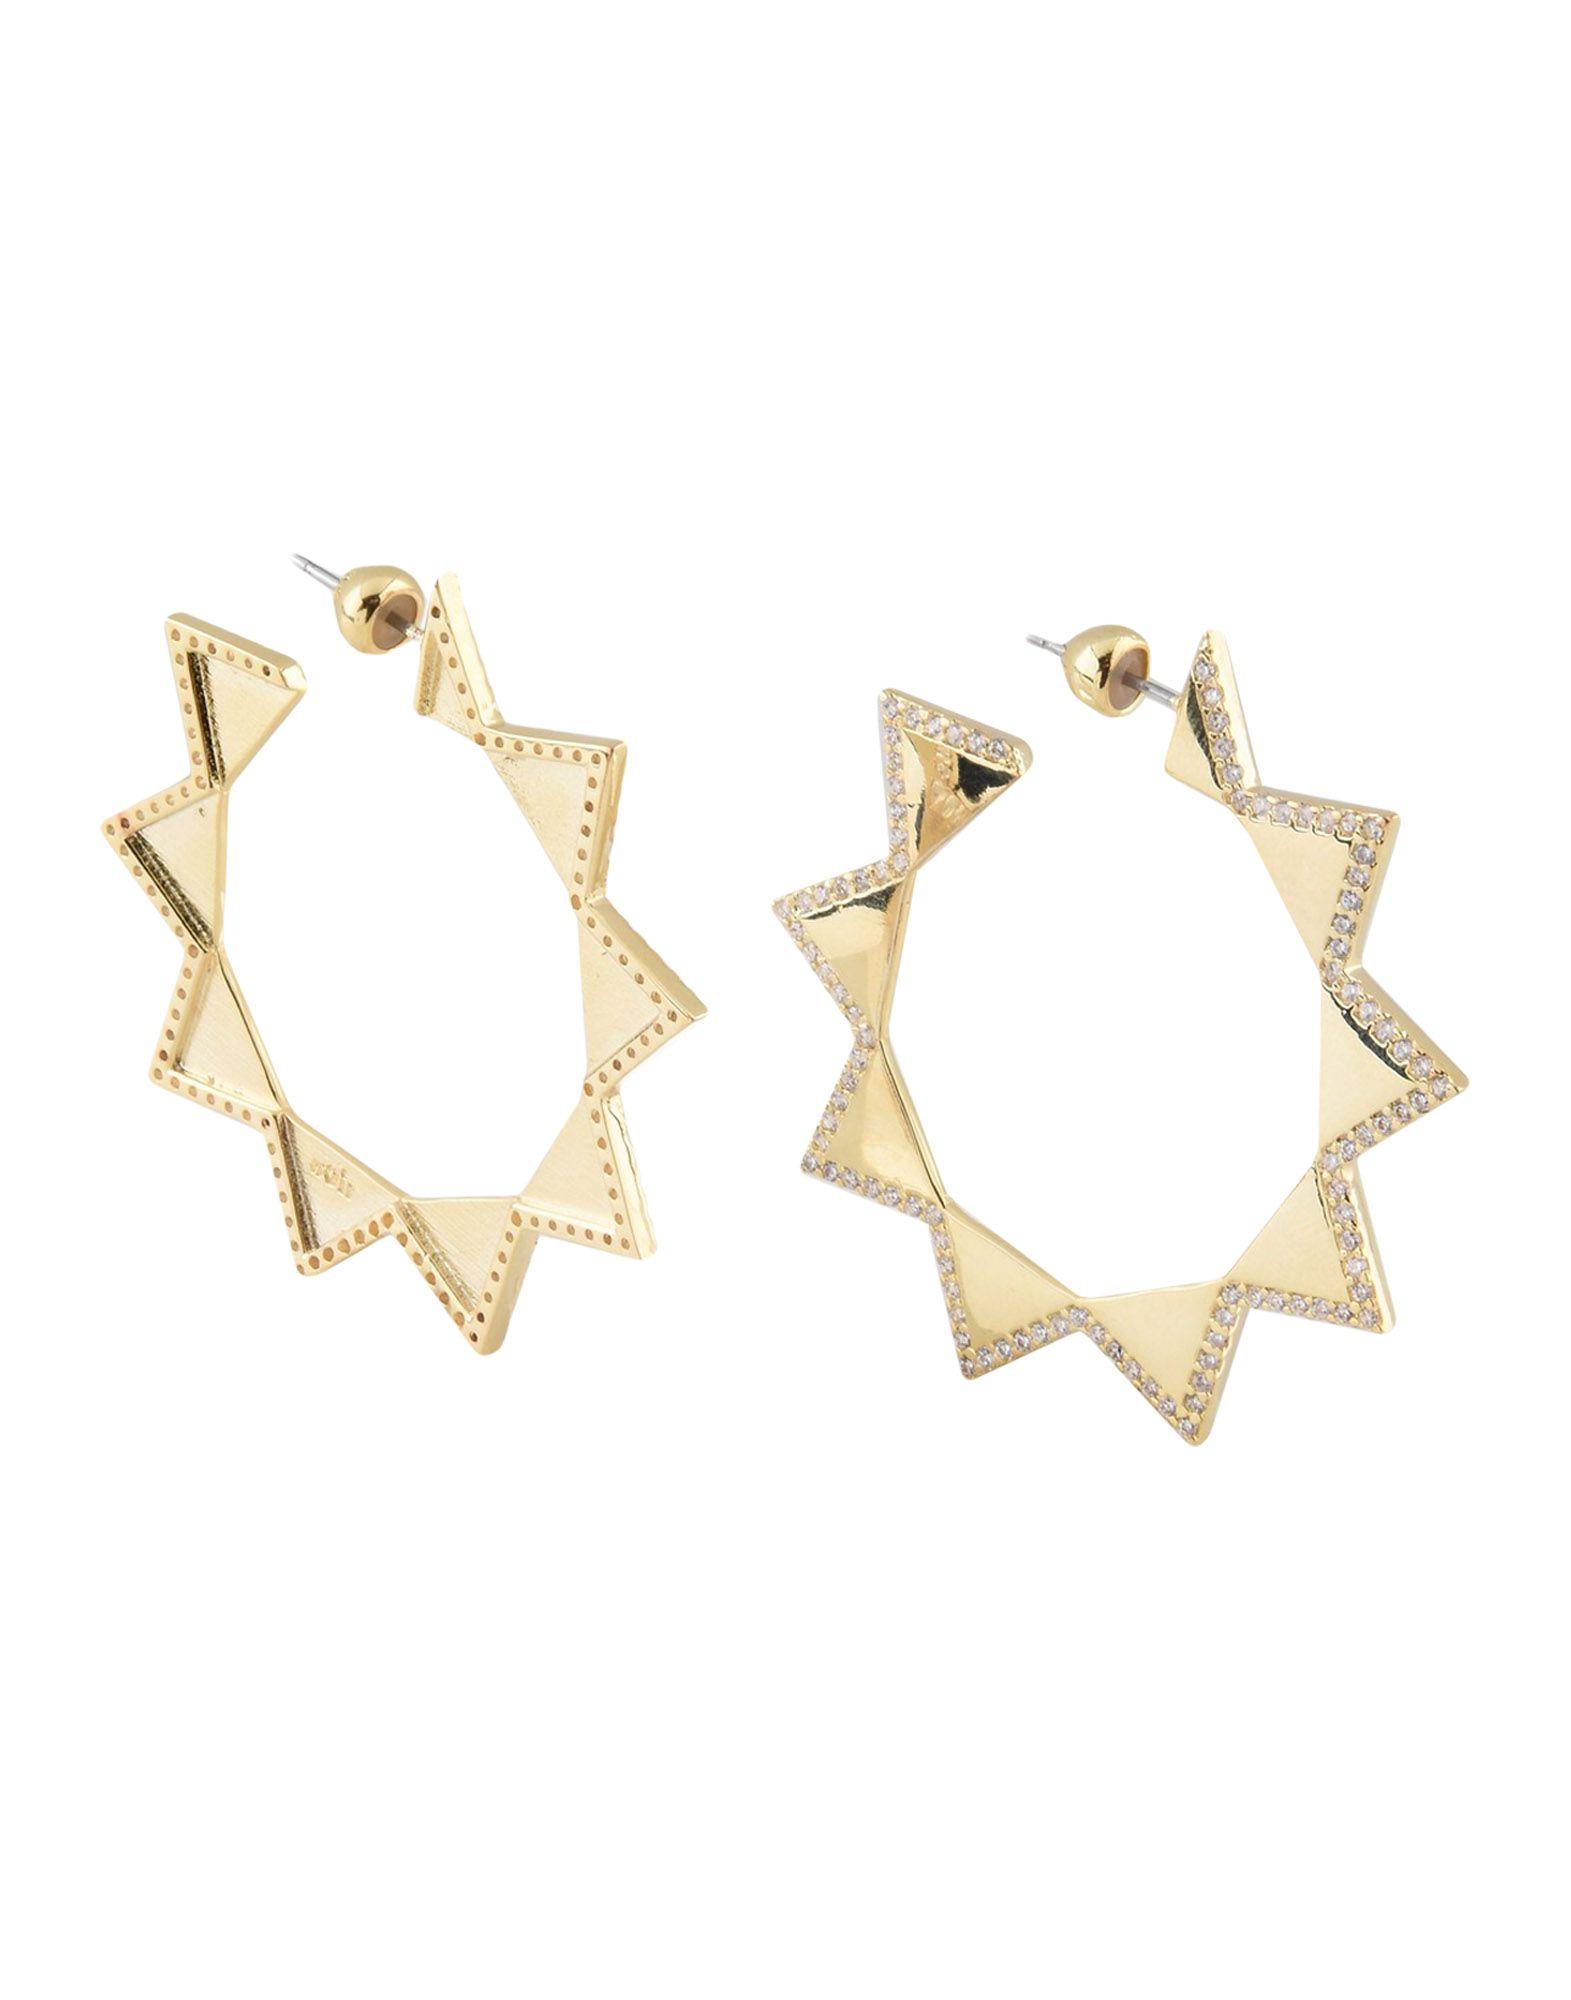 NOIR JEWELRY Earrings in Gold